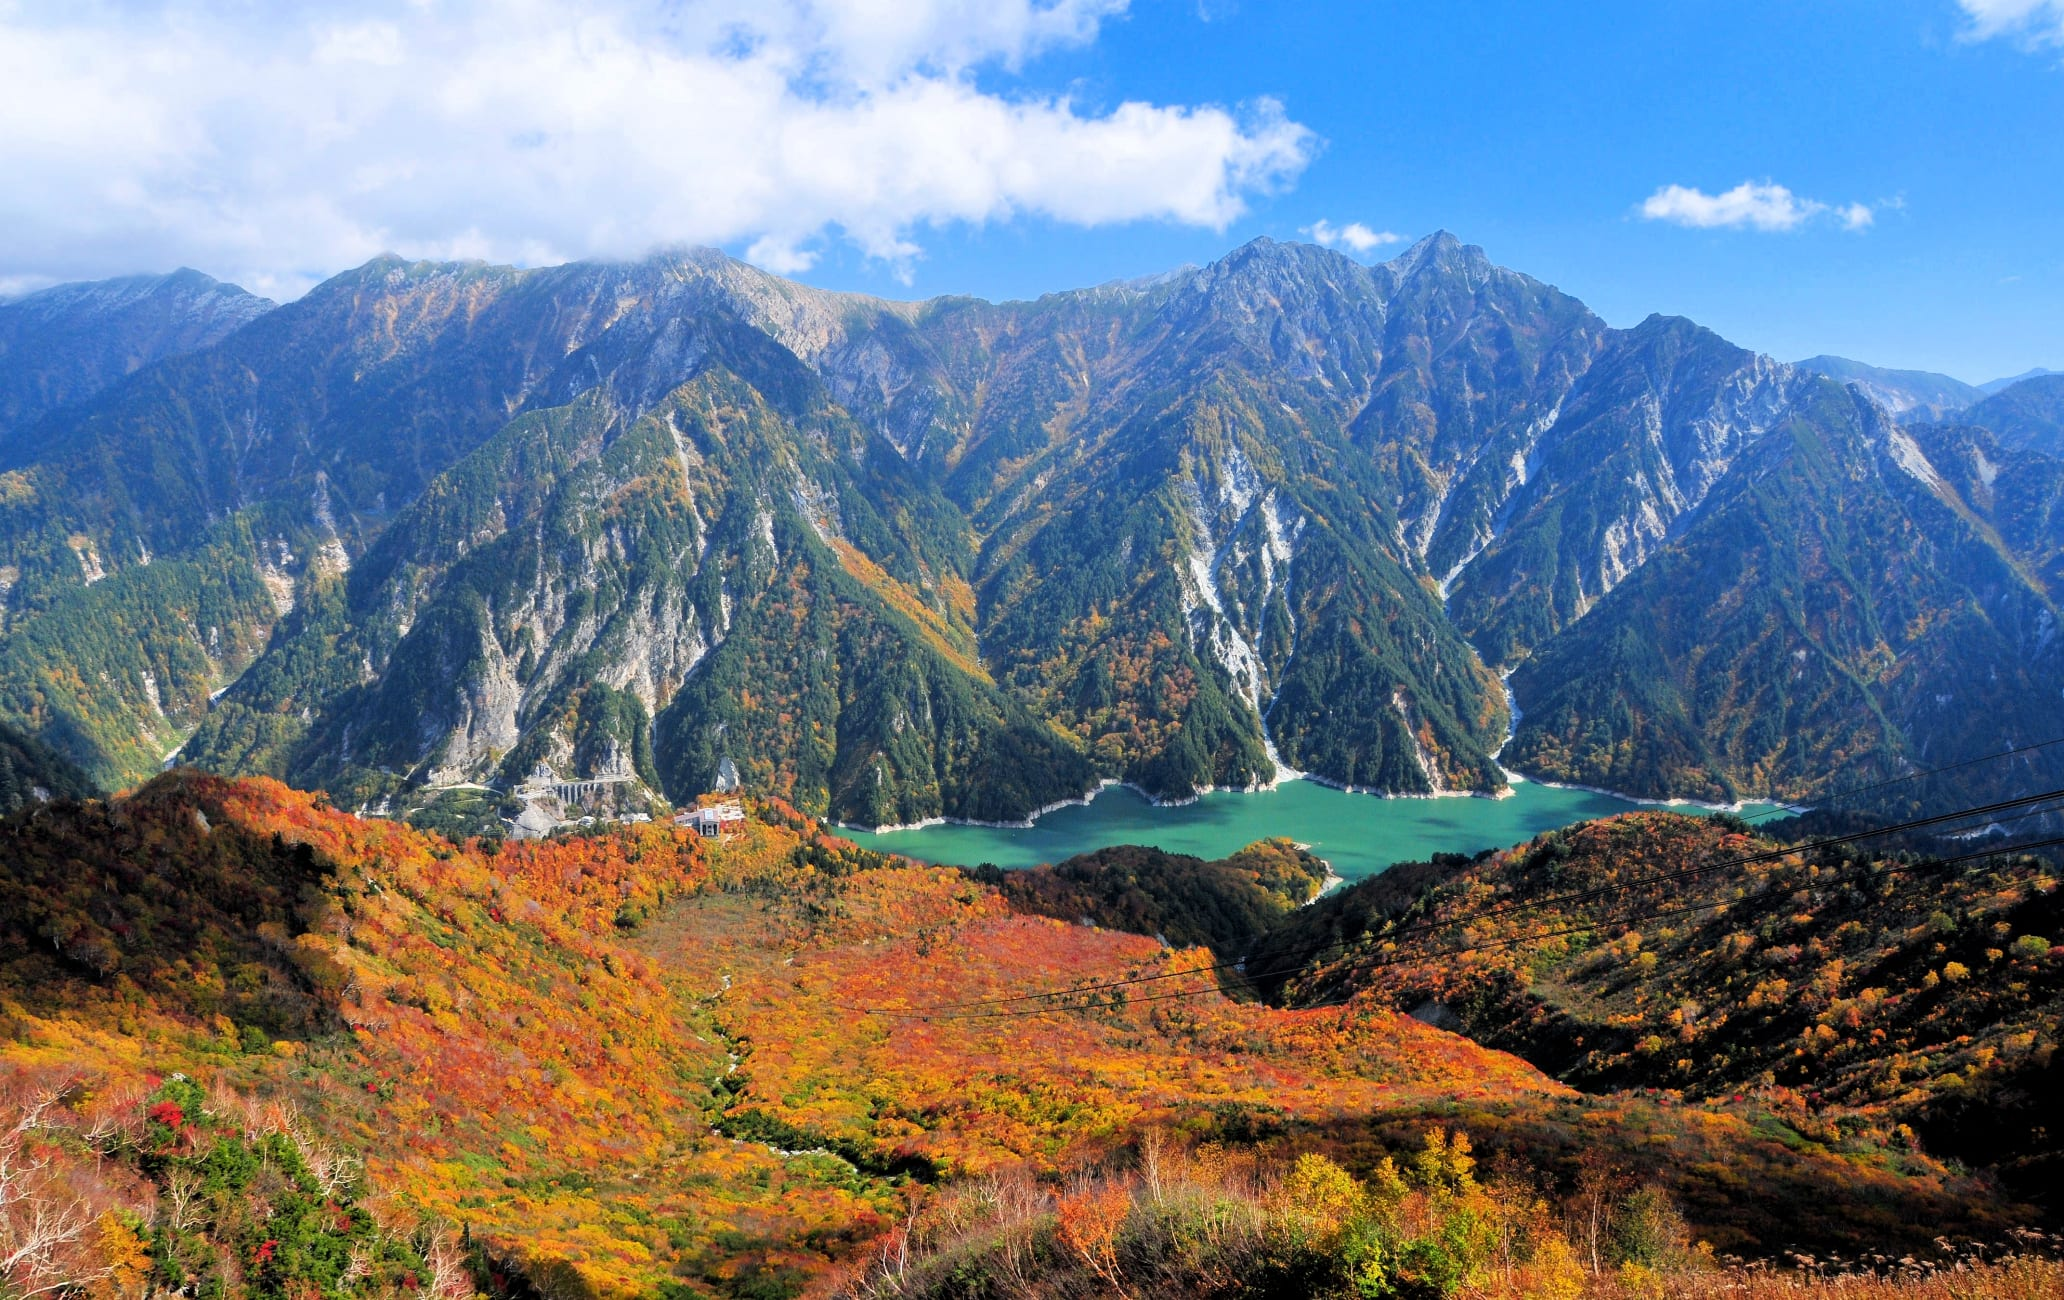 tateyama kurobe alpine route -nagano